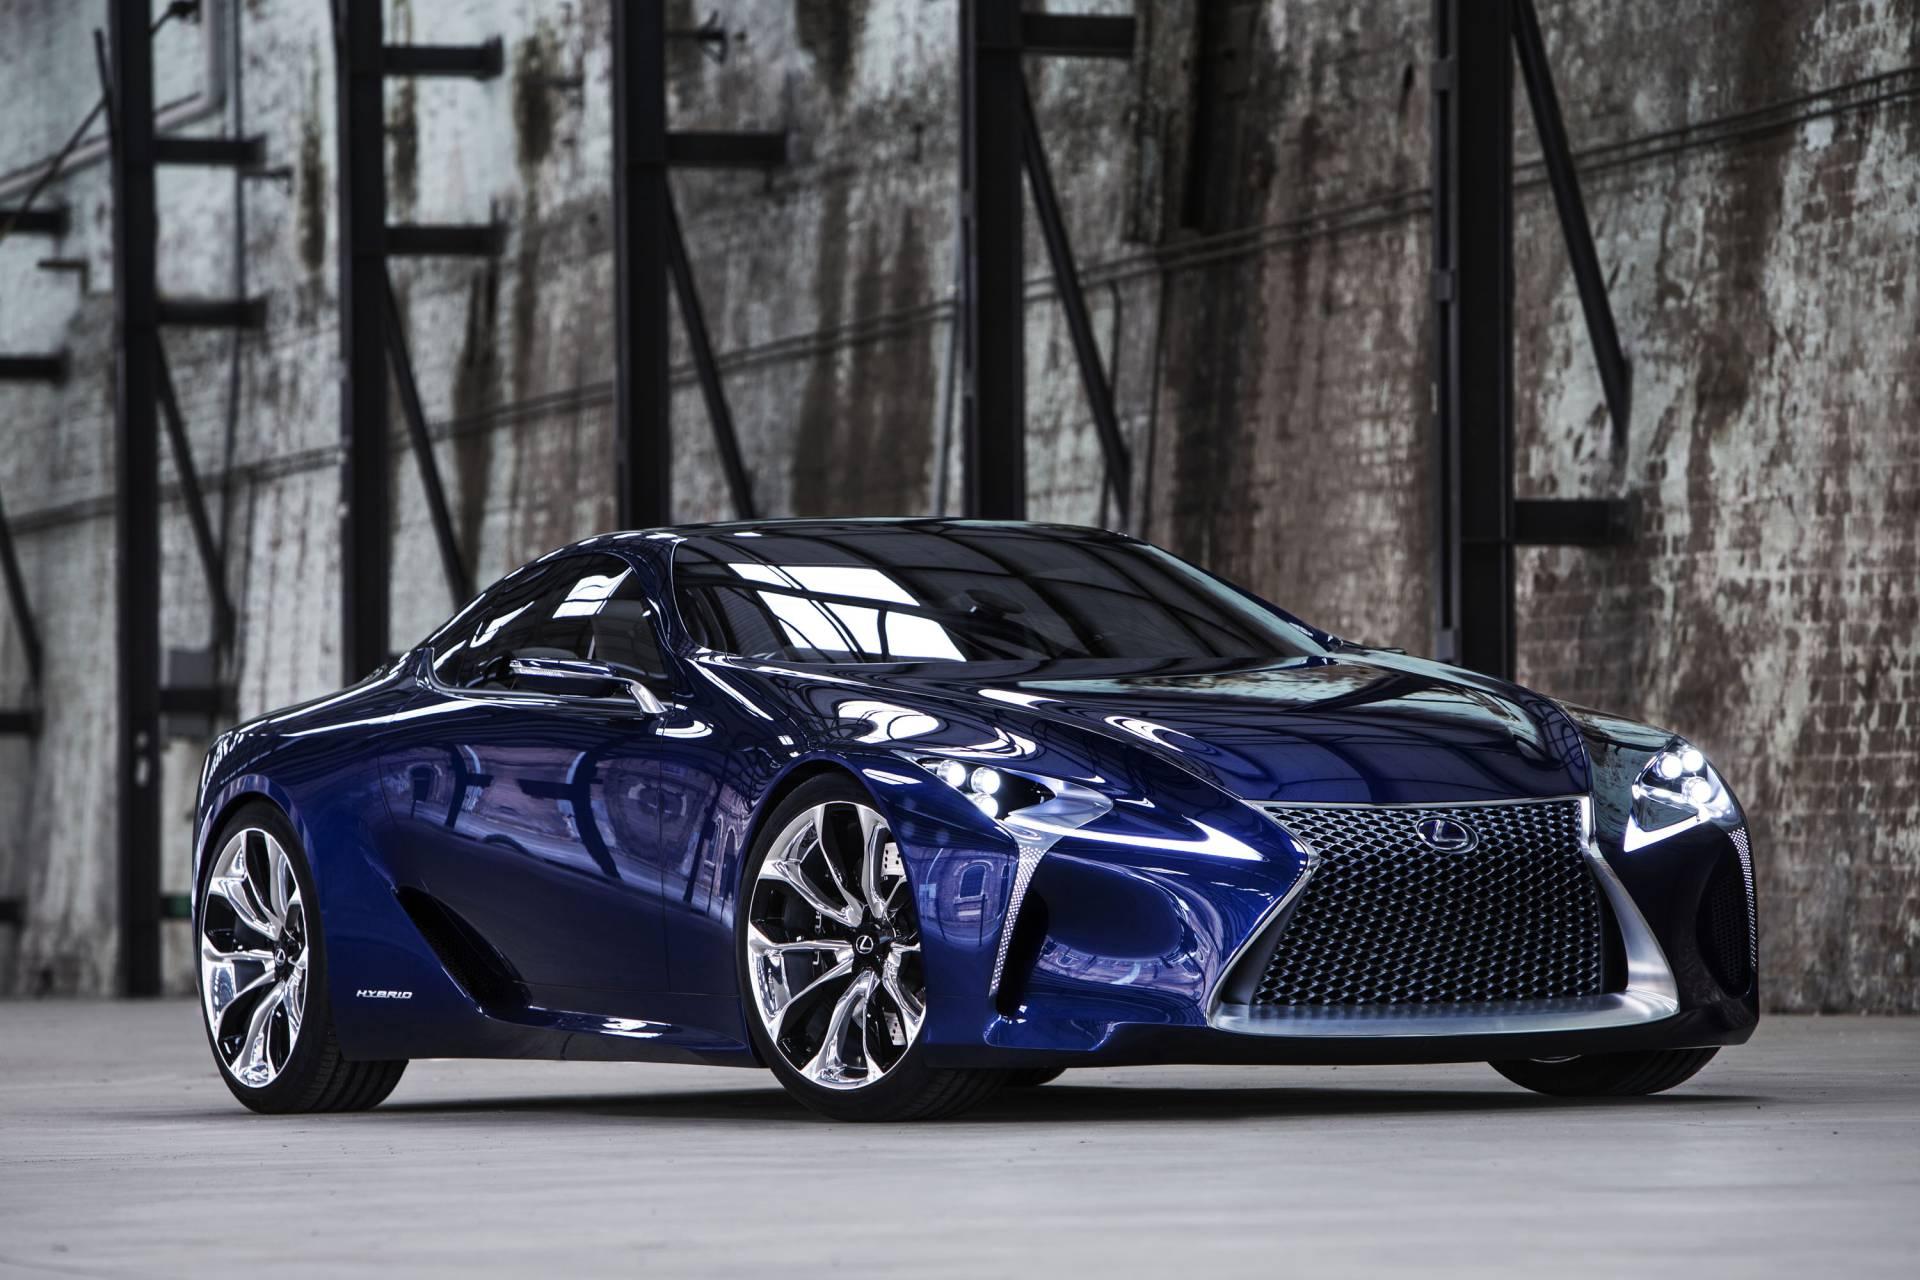 https://www.conceptcarz.com/images/Lexus/Lexus-LF-LC_Blue-Concept-Image-01.jpg